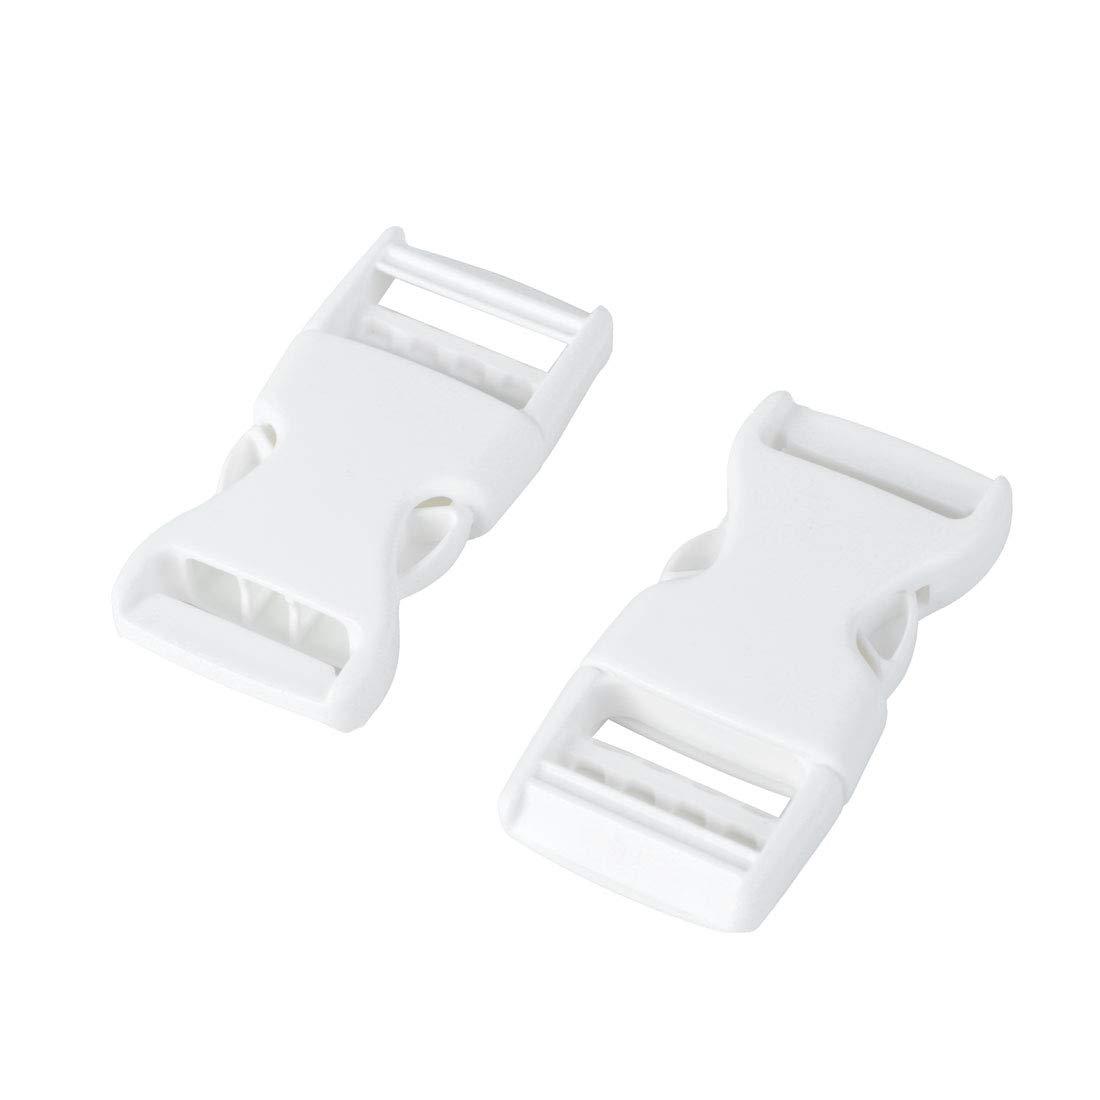 sourcingmap 10 pz in plastica bianca fibbie a sgancio rapido Tracolla in tessuto Chiusura 25mm